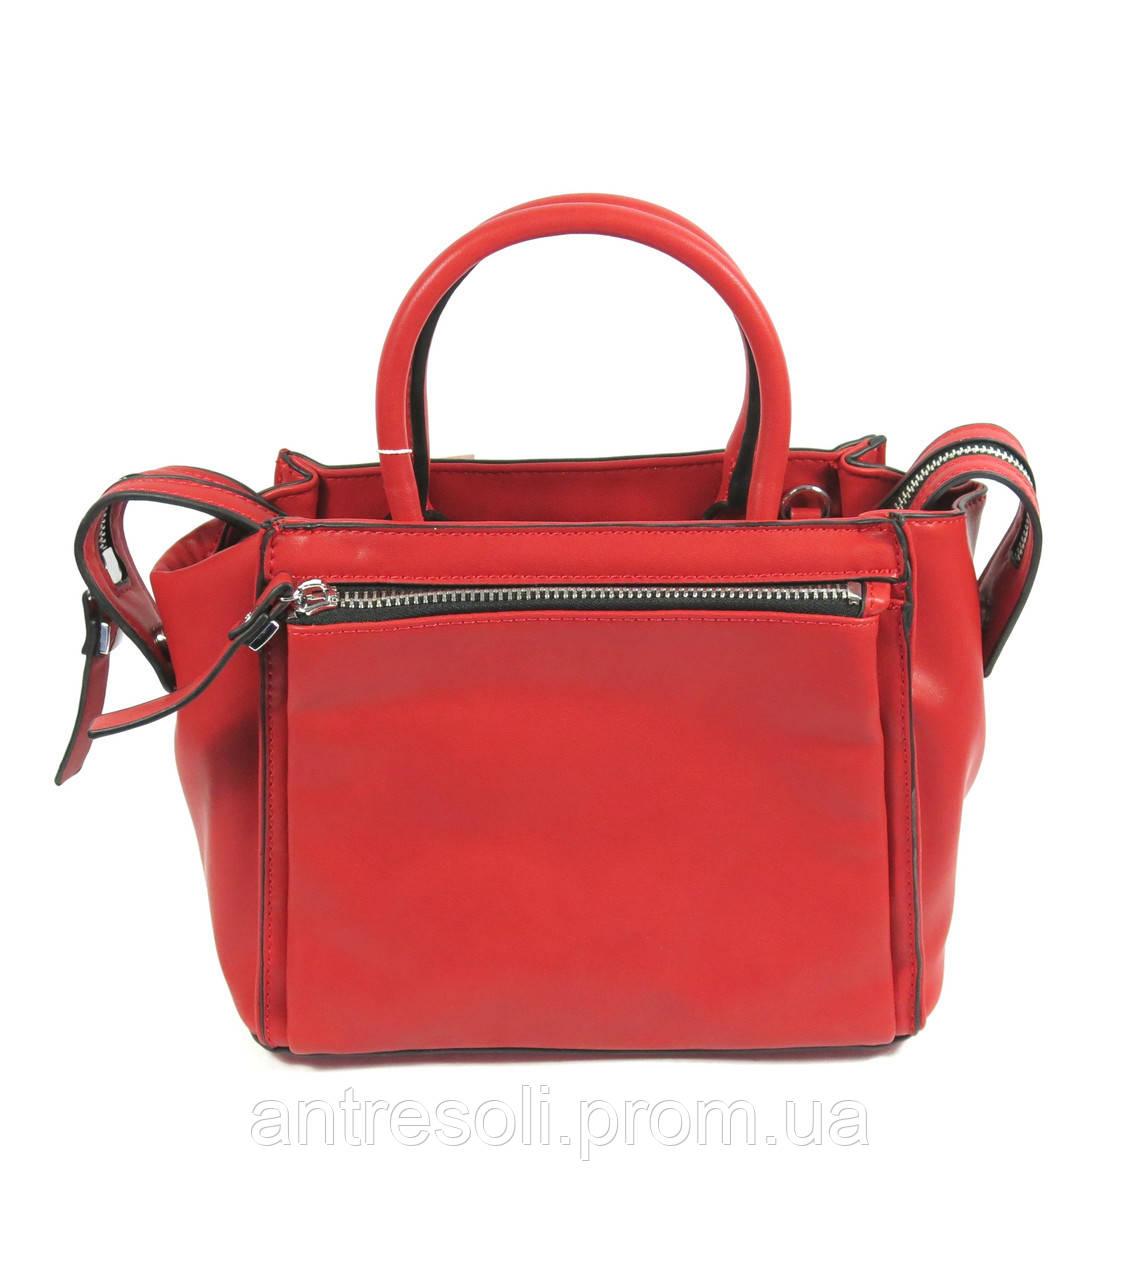 Красная женская сумка маленькая